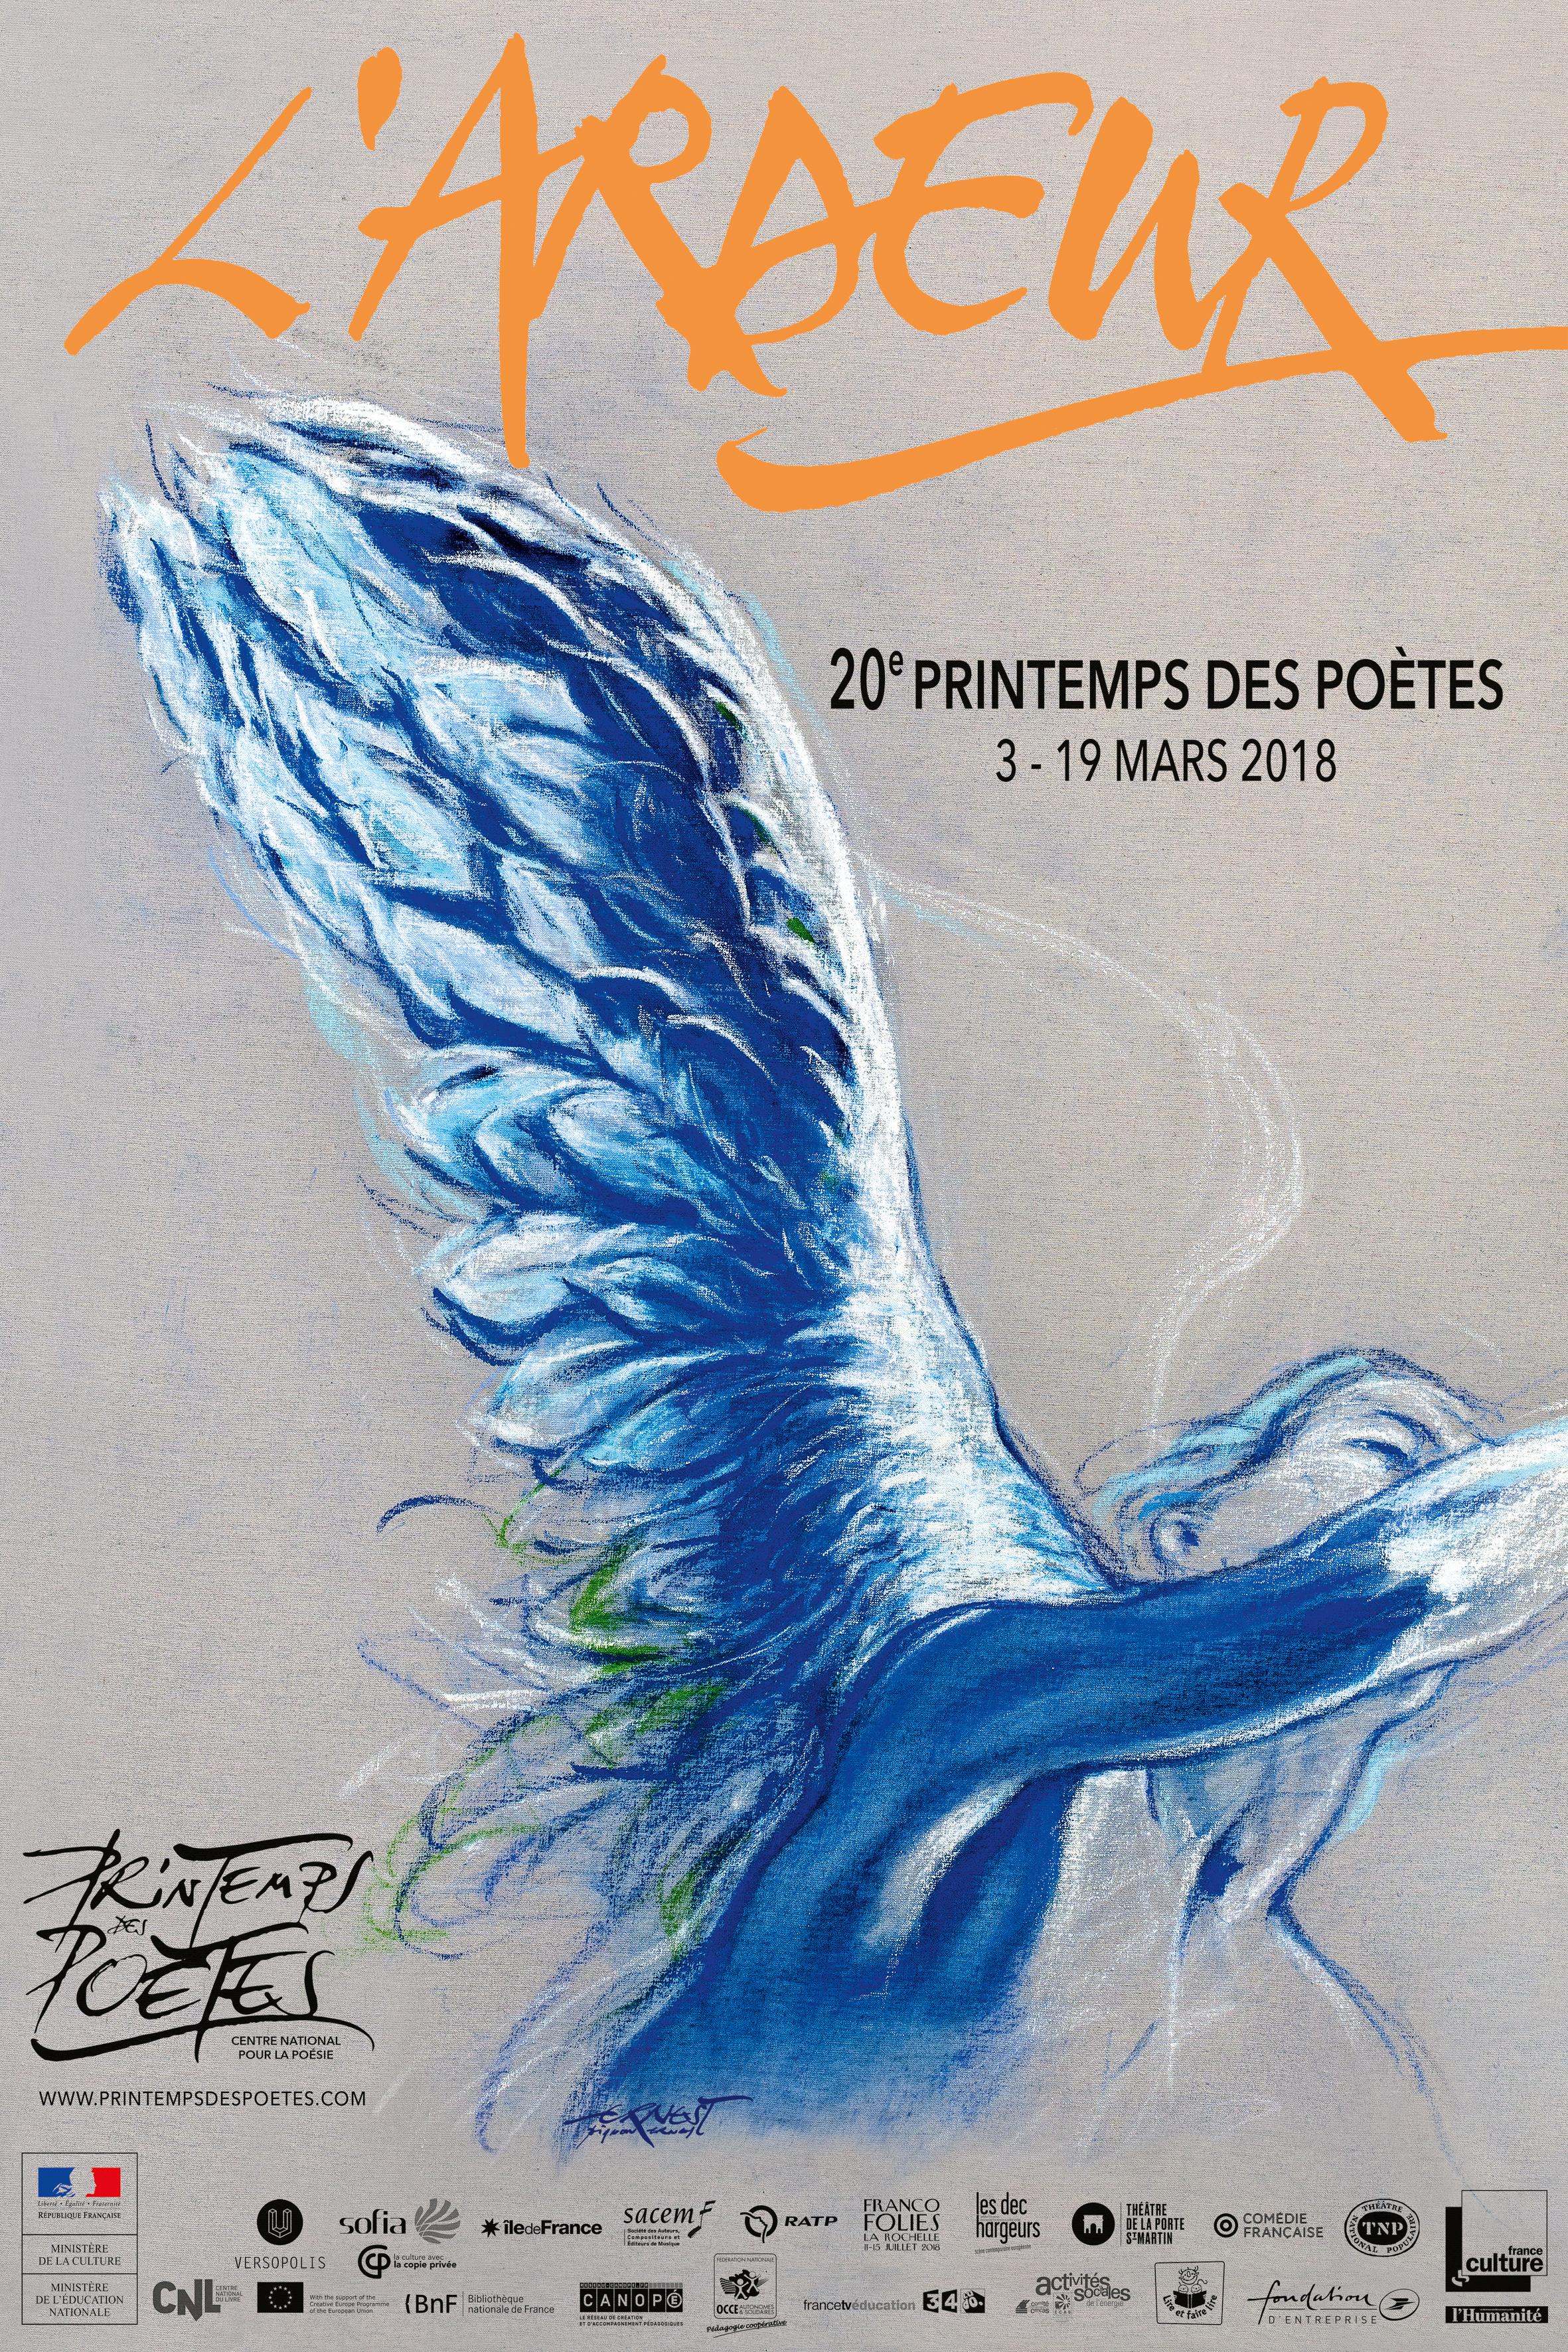 L'Ardeur – Printemps des poètes – Du 3 au 19 mars 2018